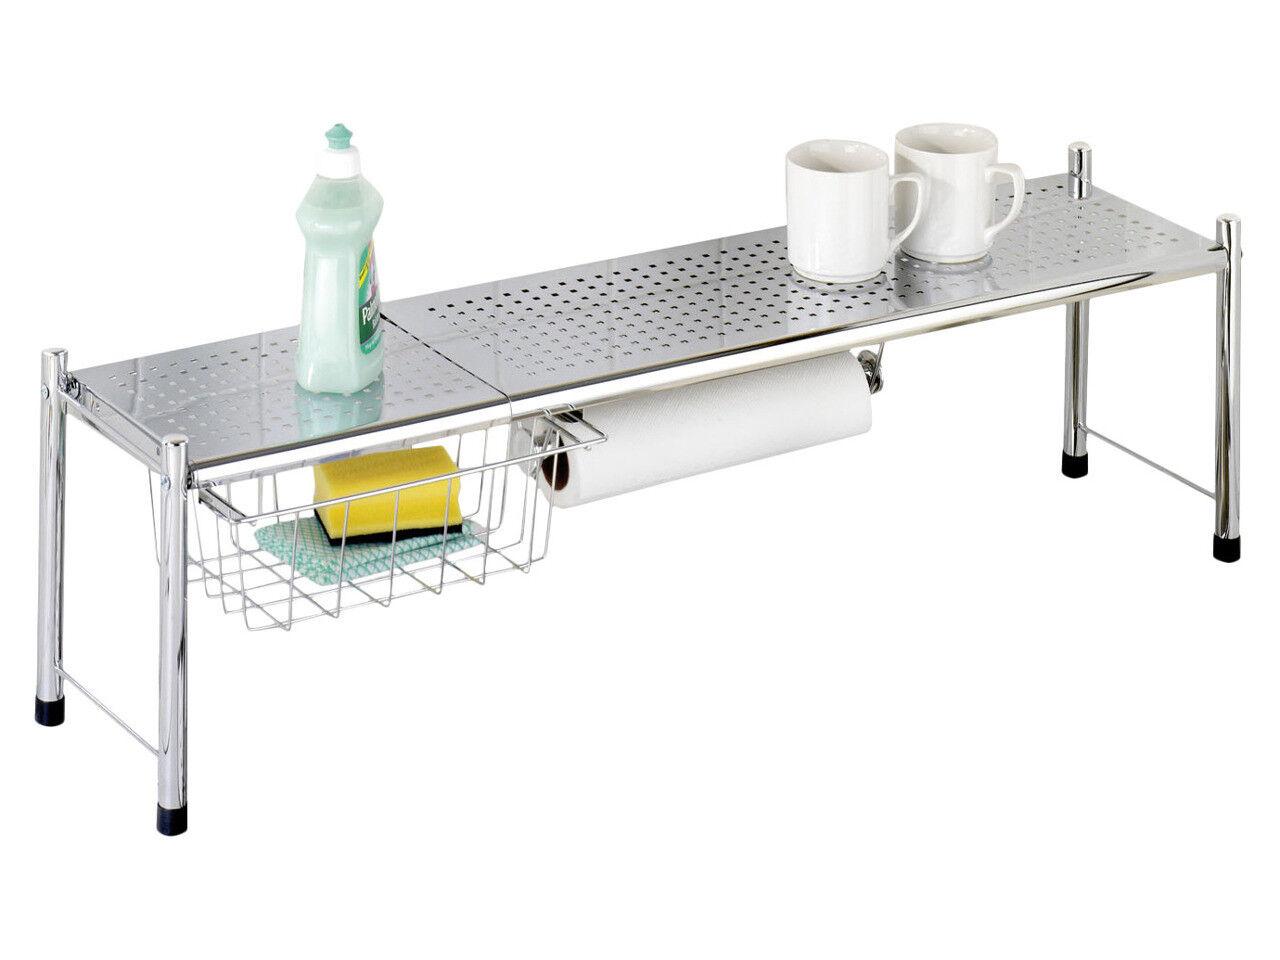 Évier étagère   étagère de Cuisine   De Cuisine Armoire Avec De Cuisine Porte-rouleau   étagère